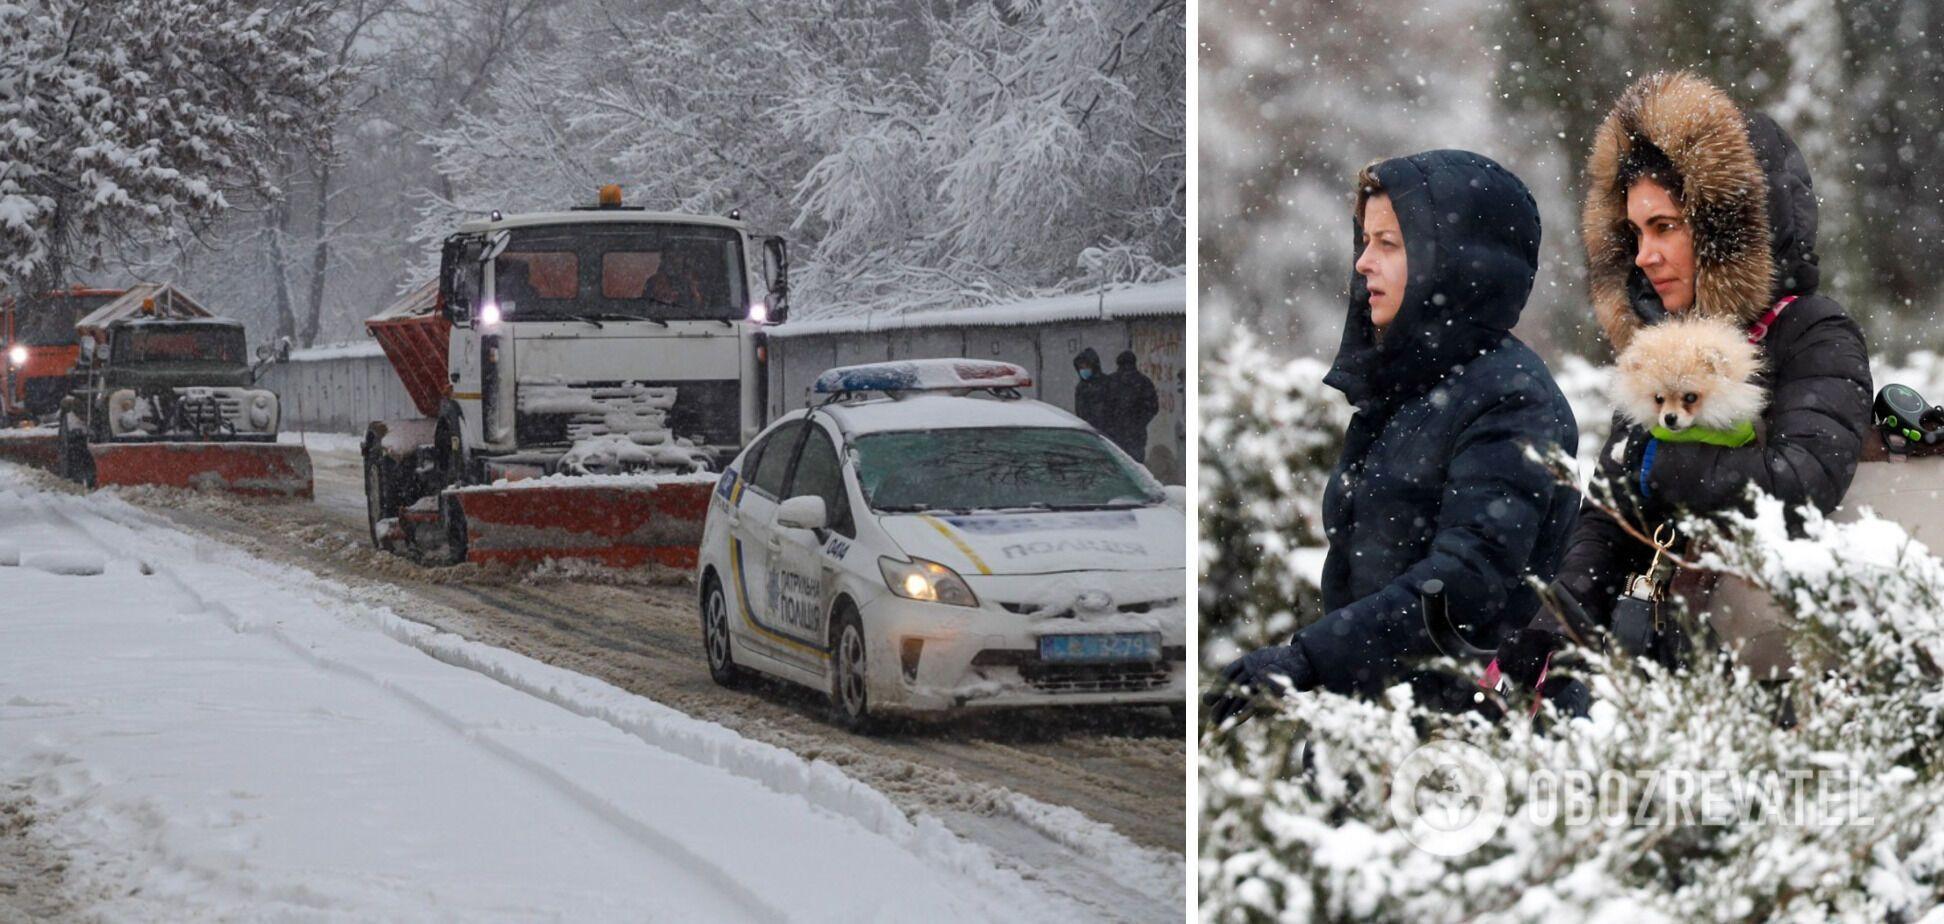 Незабаром в Україні почнеться полярне вторгнення, яке принесе дуже сильні морози